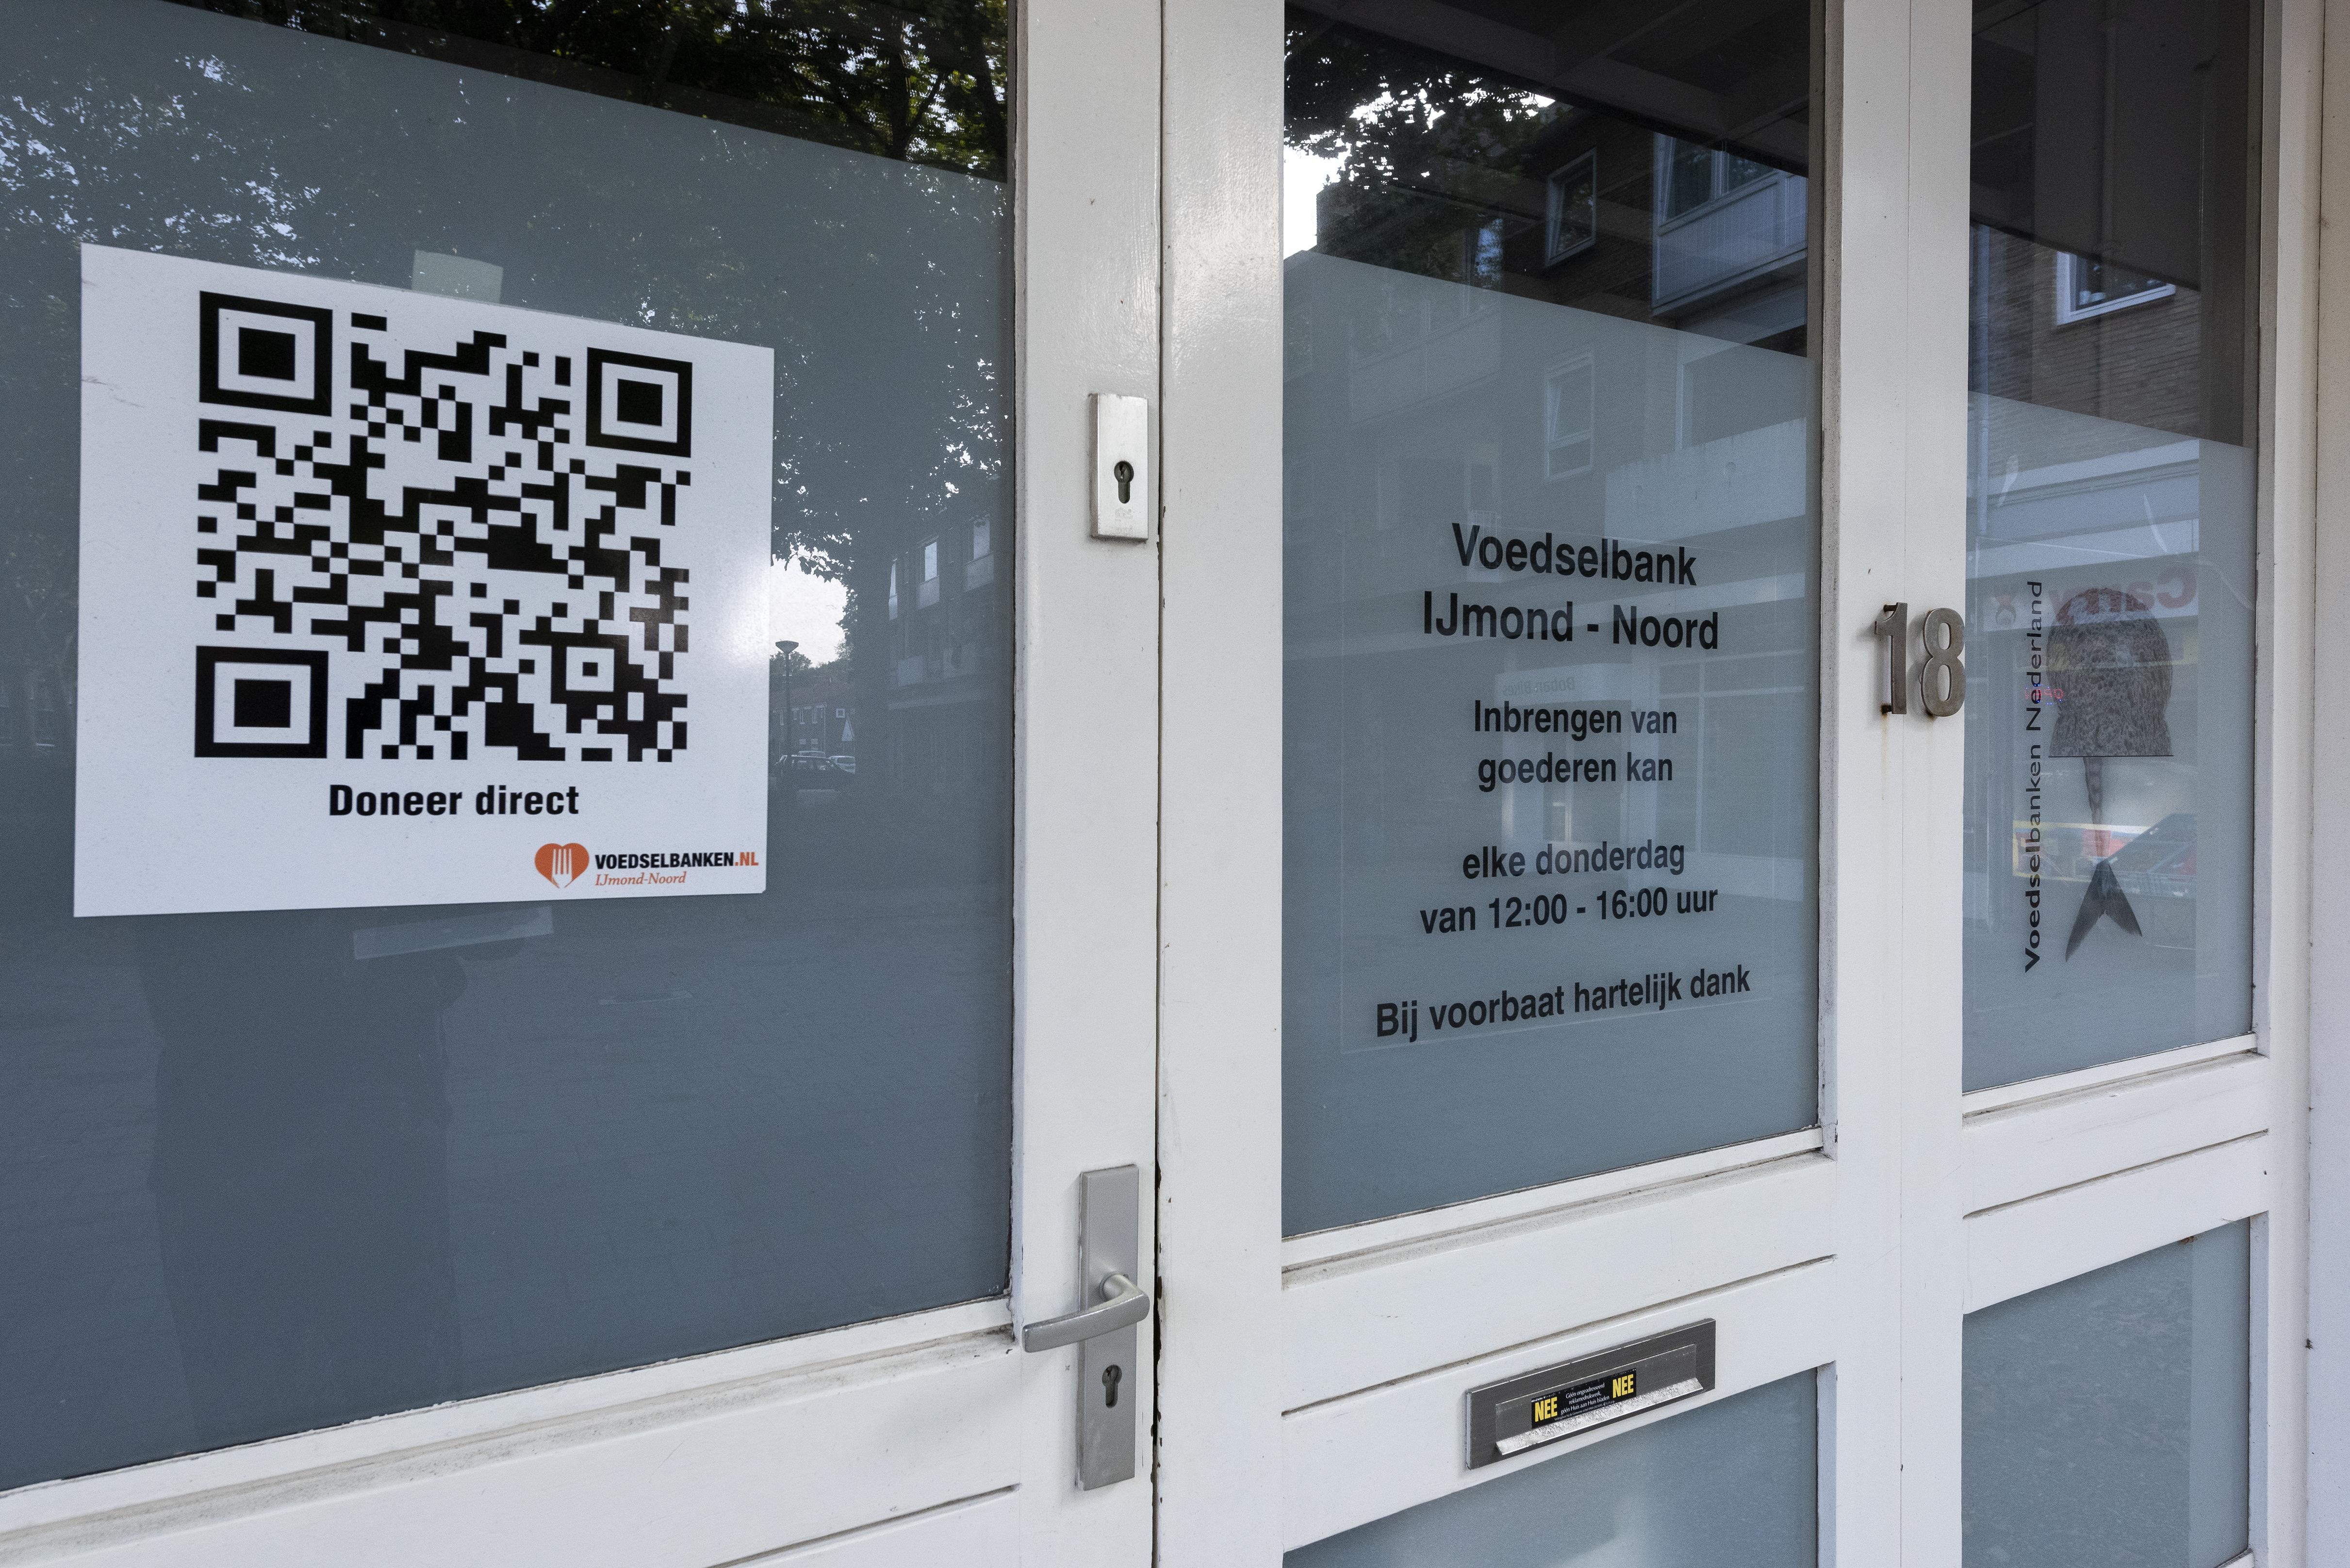 De Voedselbank IJmond-Noord blijft 'strijden' voor gezinnen die het zwaar hebben: 'We willen een bijdrage leveren aan het welzijn van families'